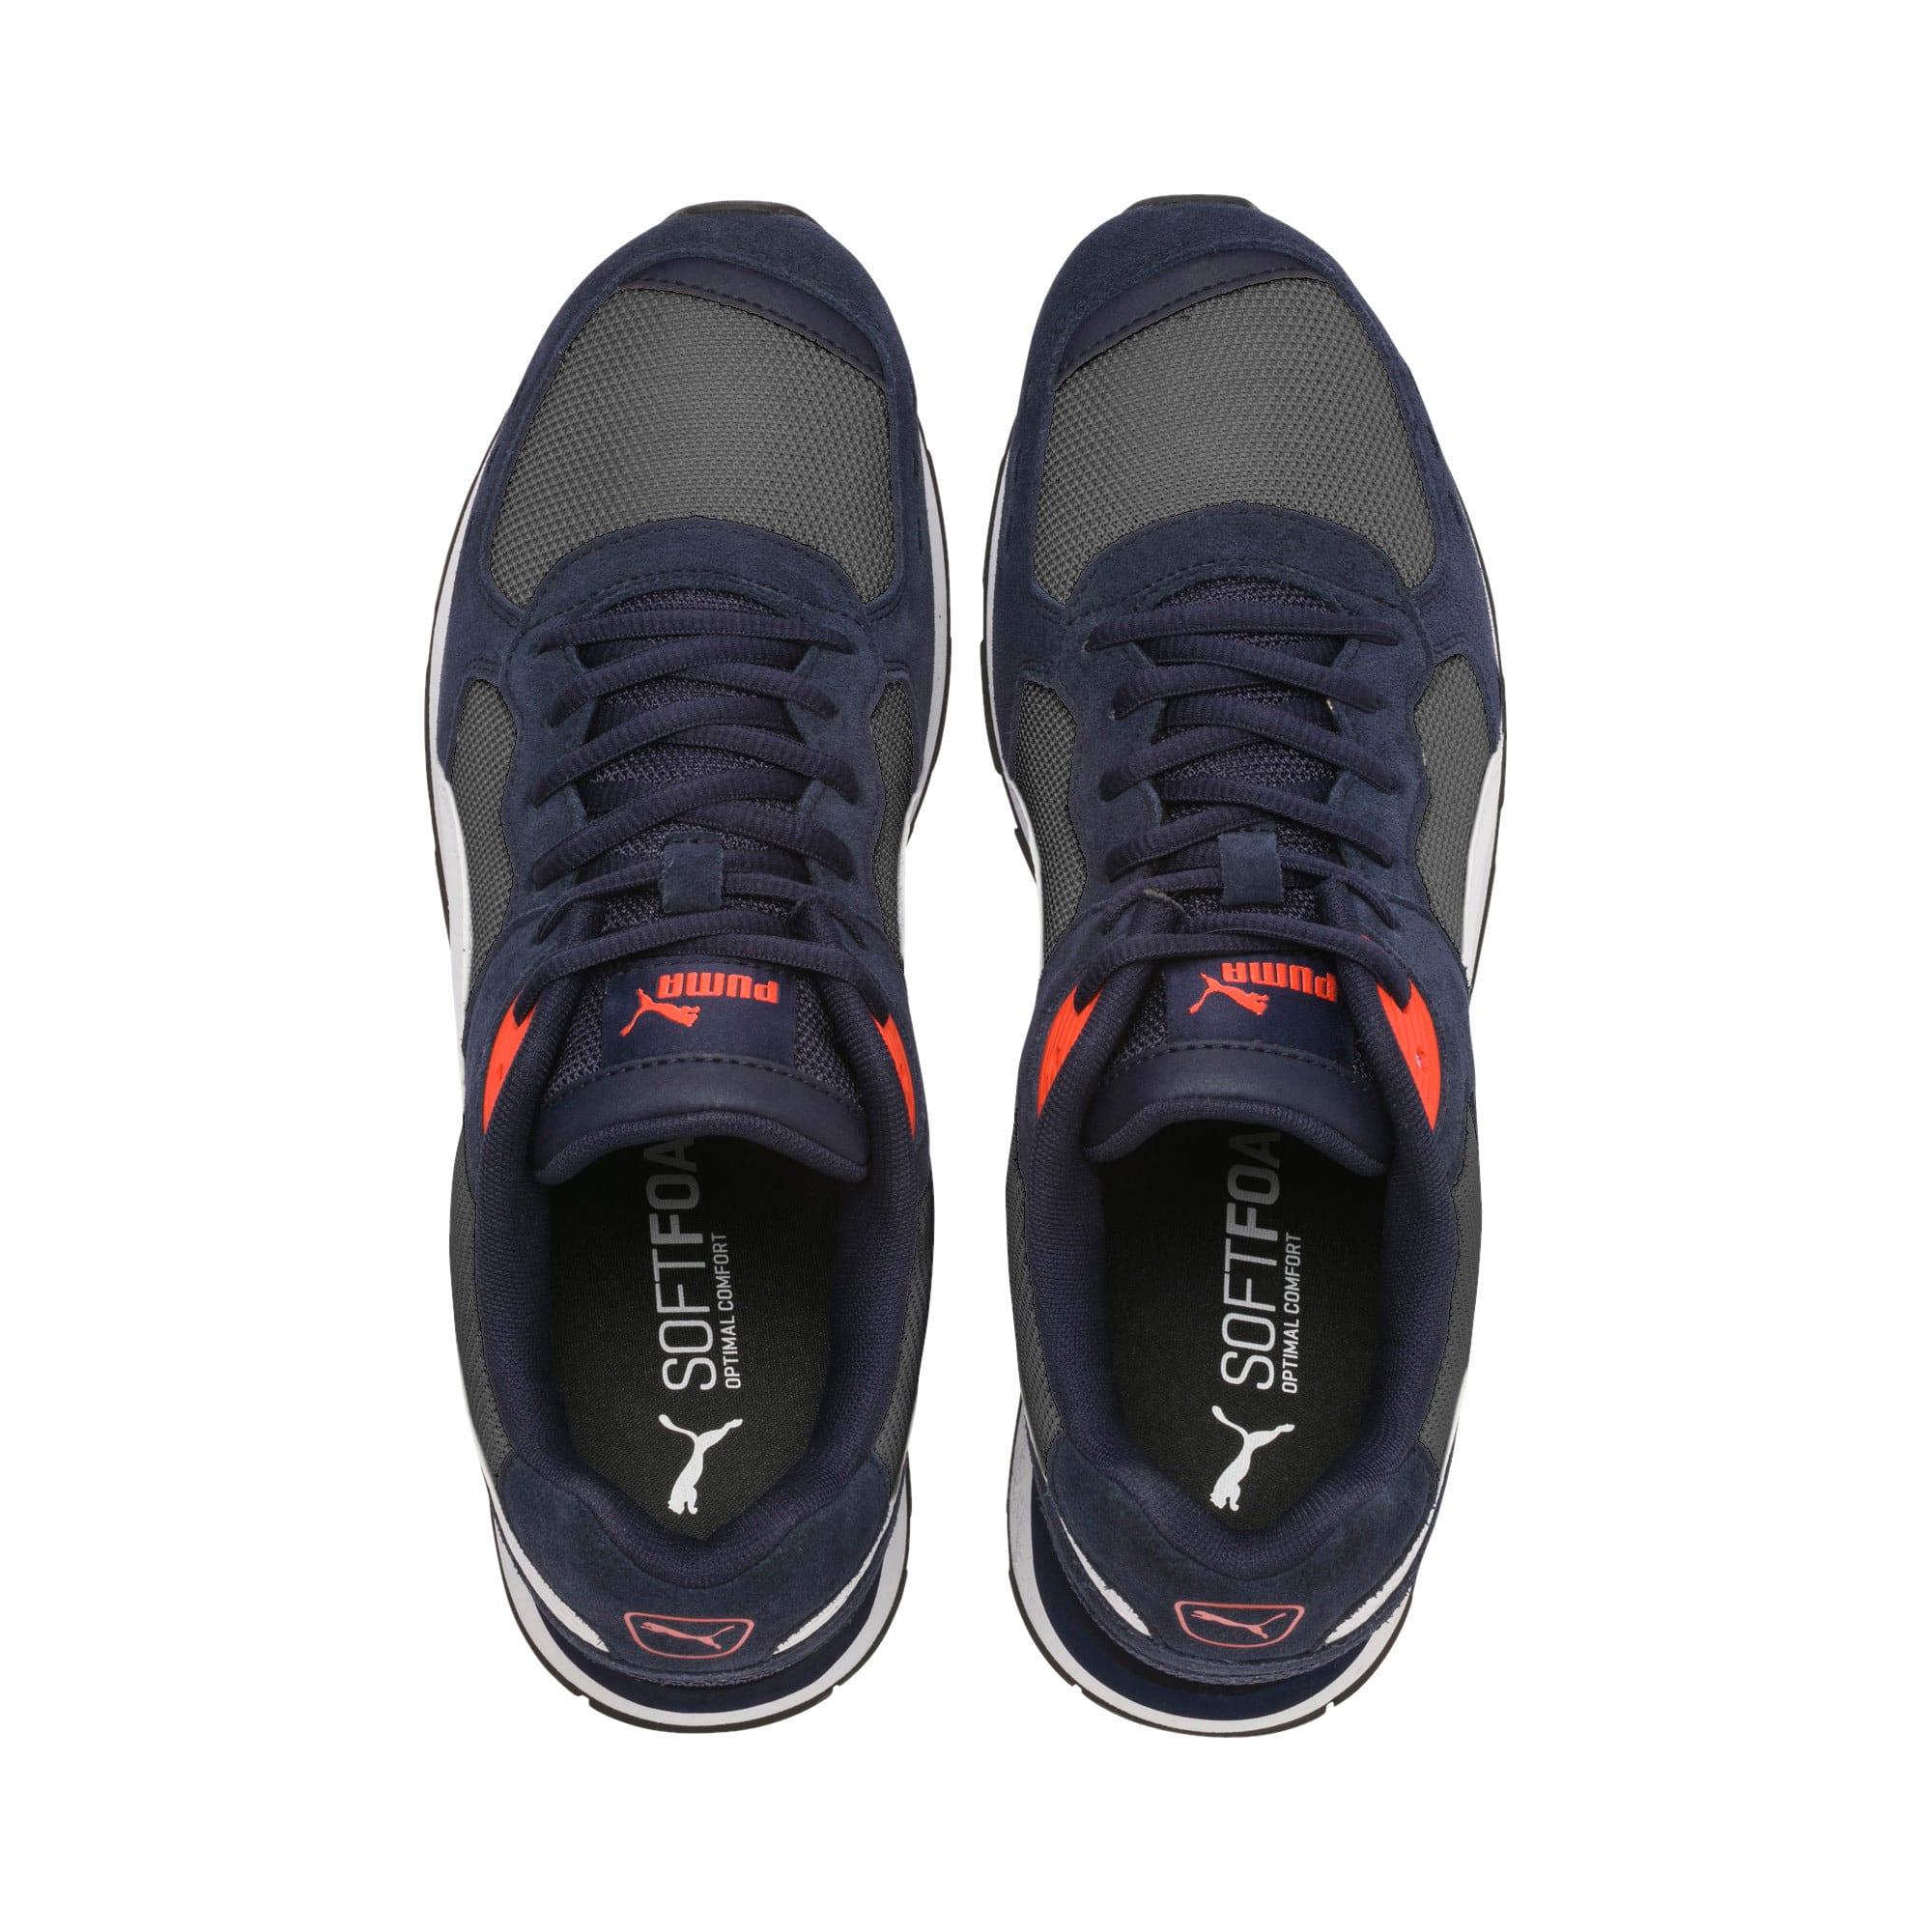 Miniatura 7 de Zapatos deportivos Vista, Peacoat-Puma White, mediano